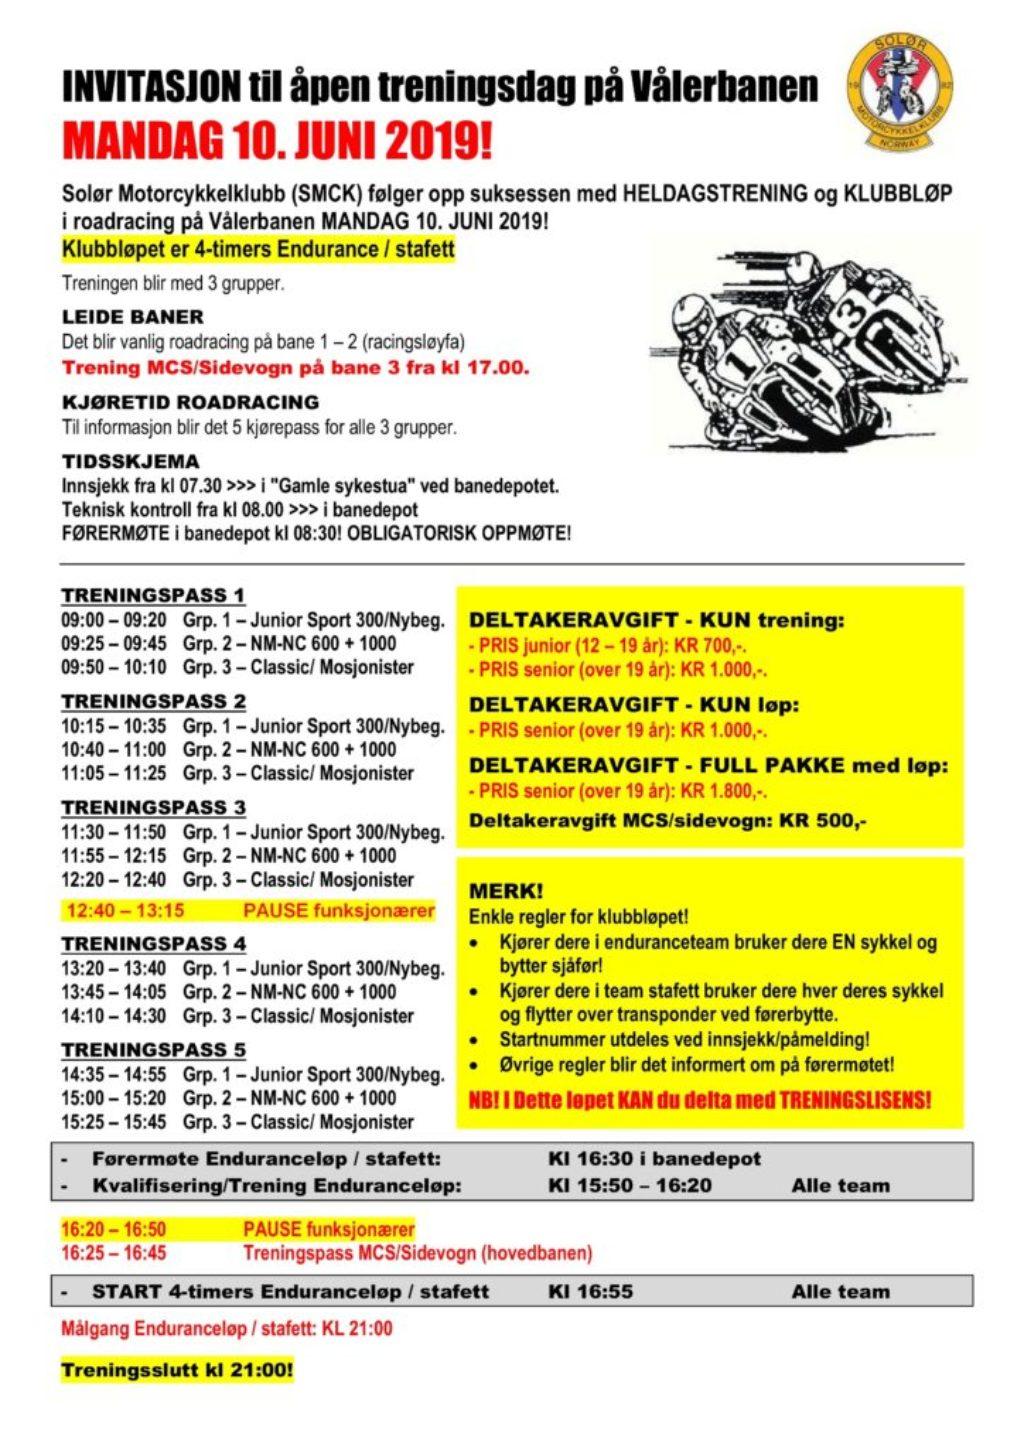 Invitasjon til treningsdag + klubbløp på vålerbanen - side 1